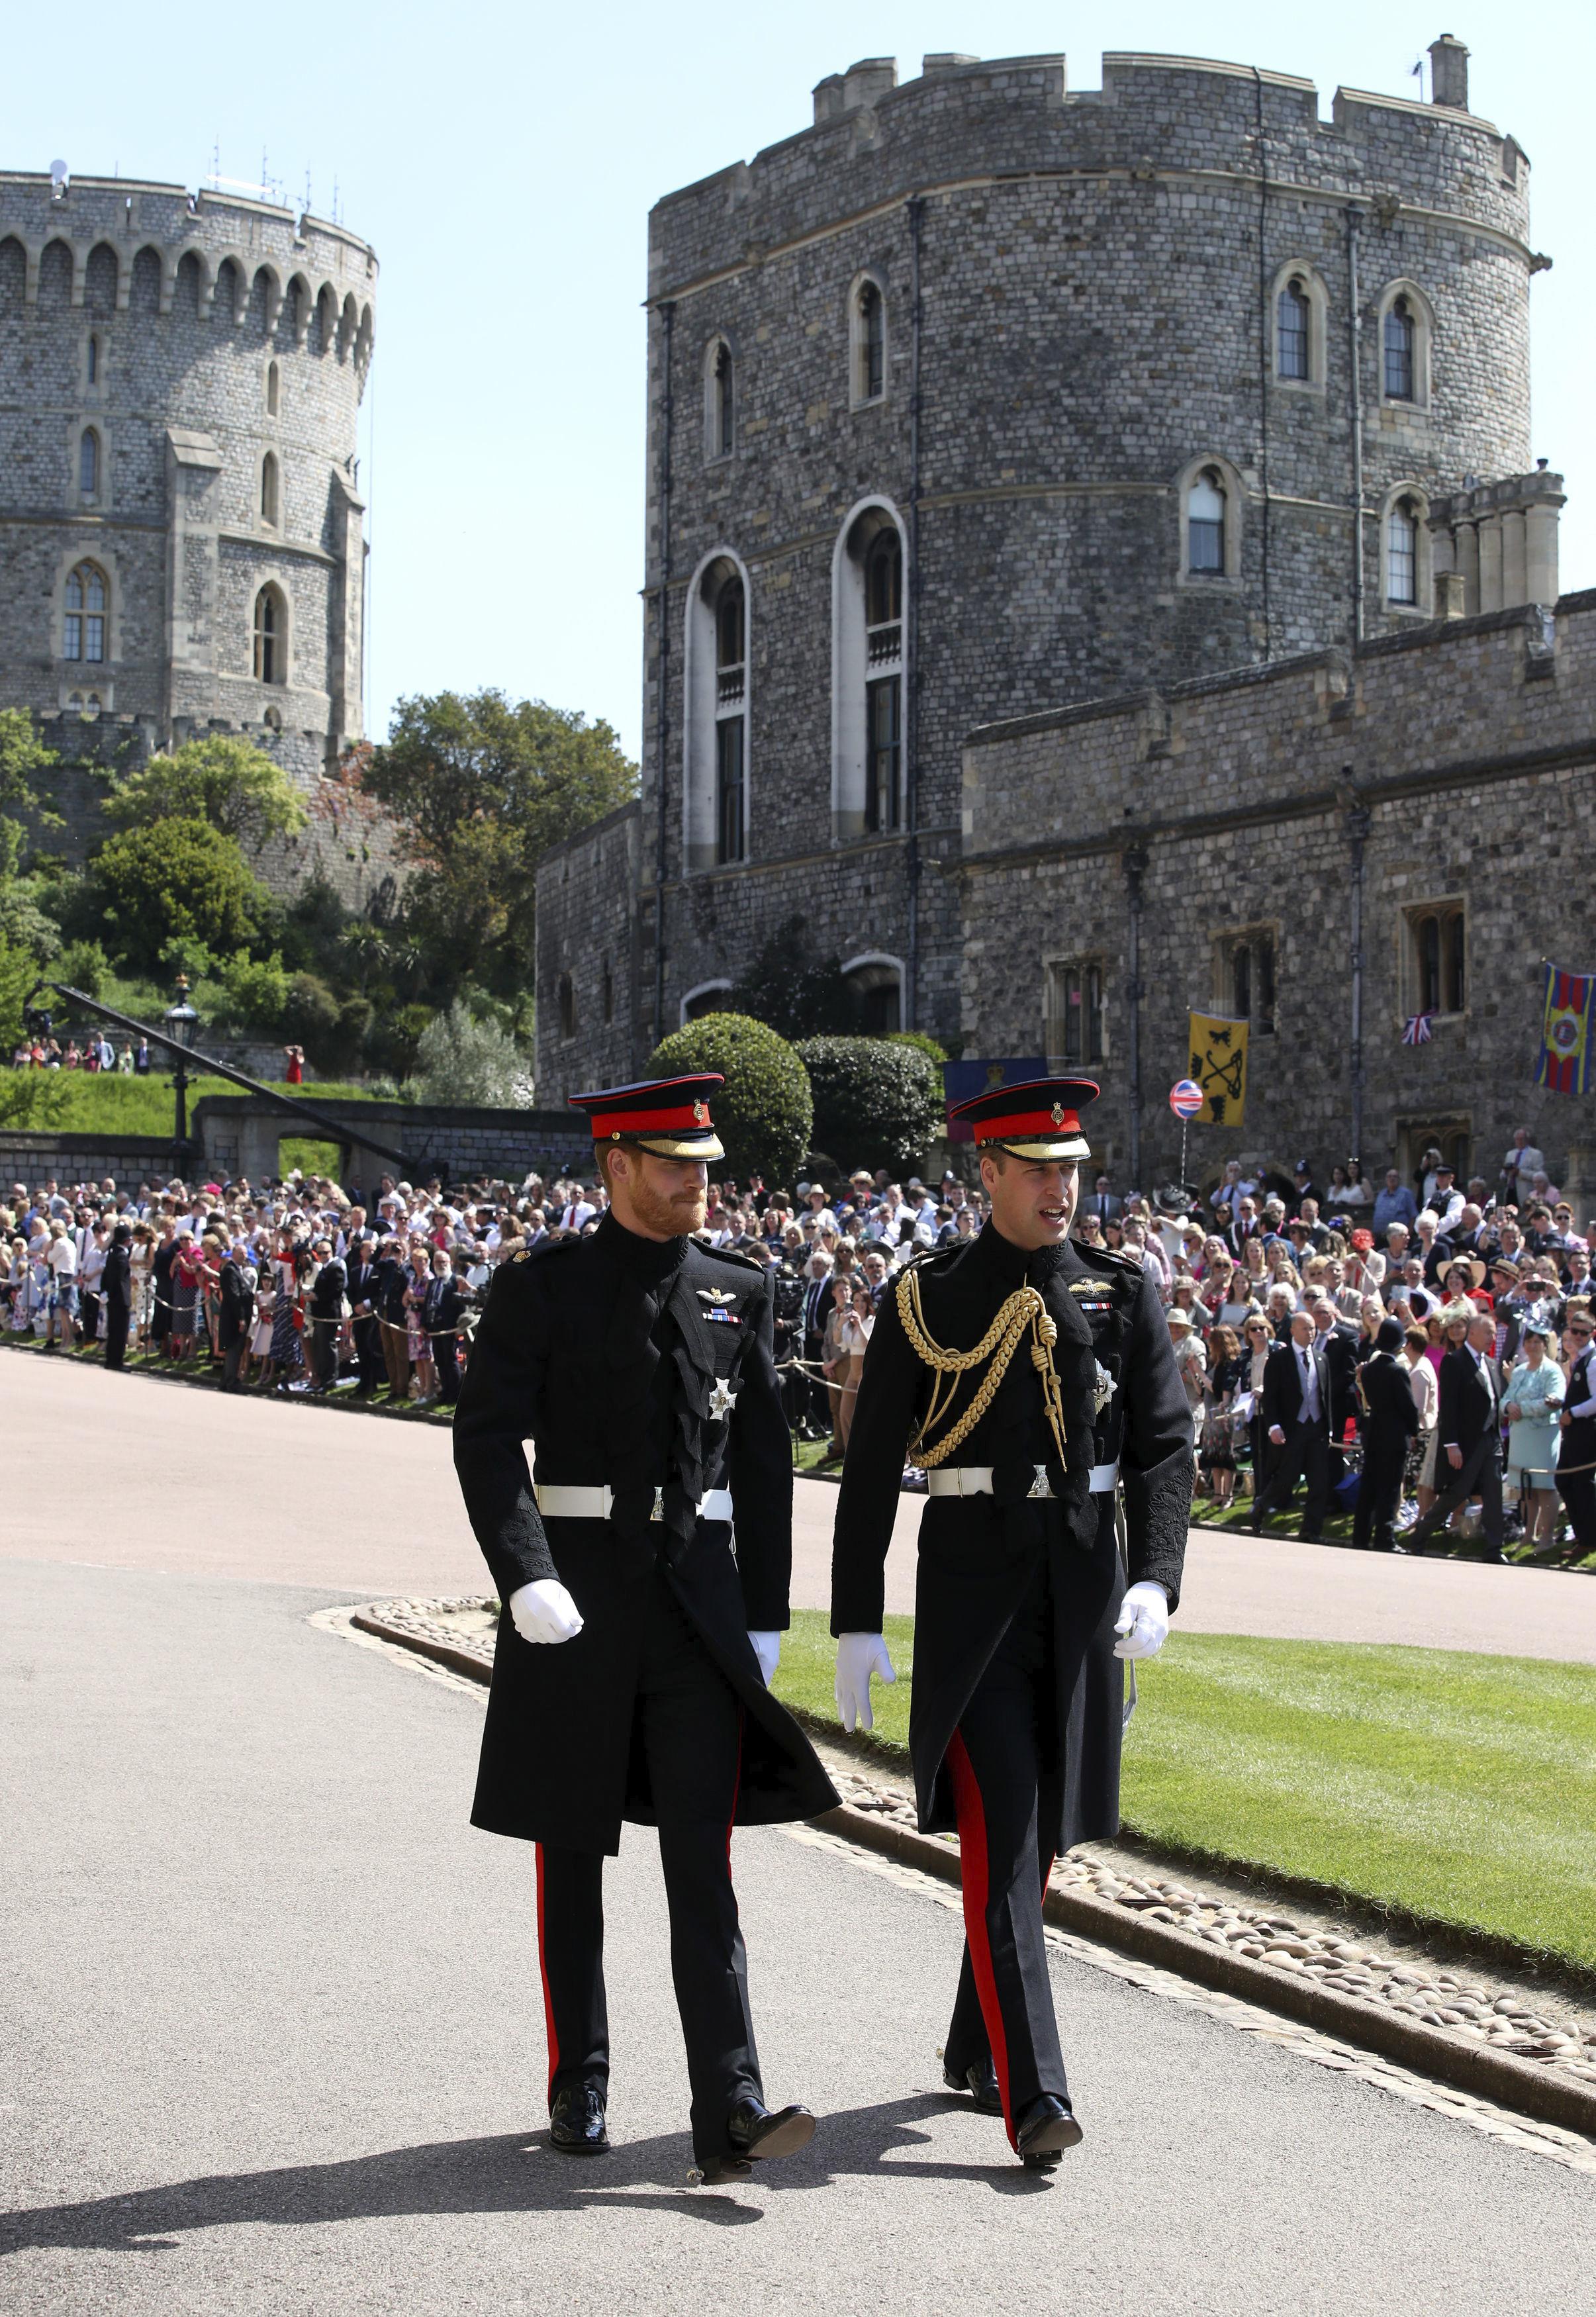 Los príncipes William y Harry caminaron hasta la capilla de St. George para alegría de los seguidores que pudieron verlos de cerca. (Foto: AP)